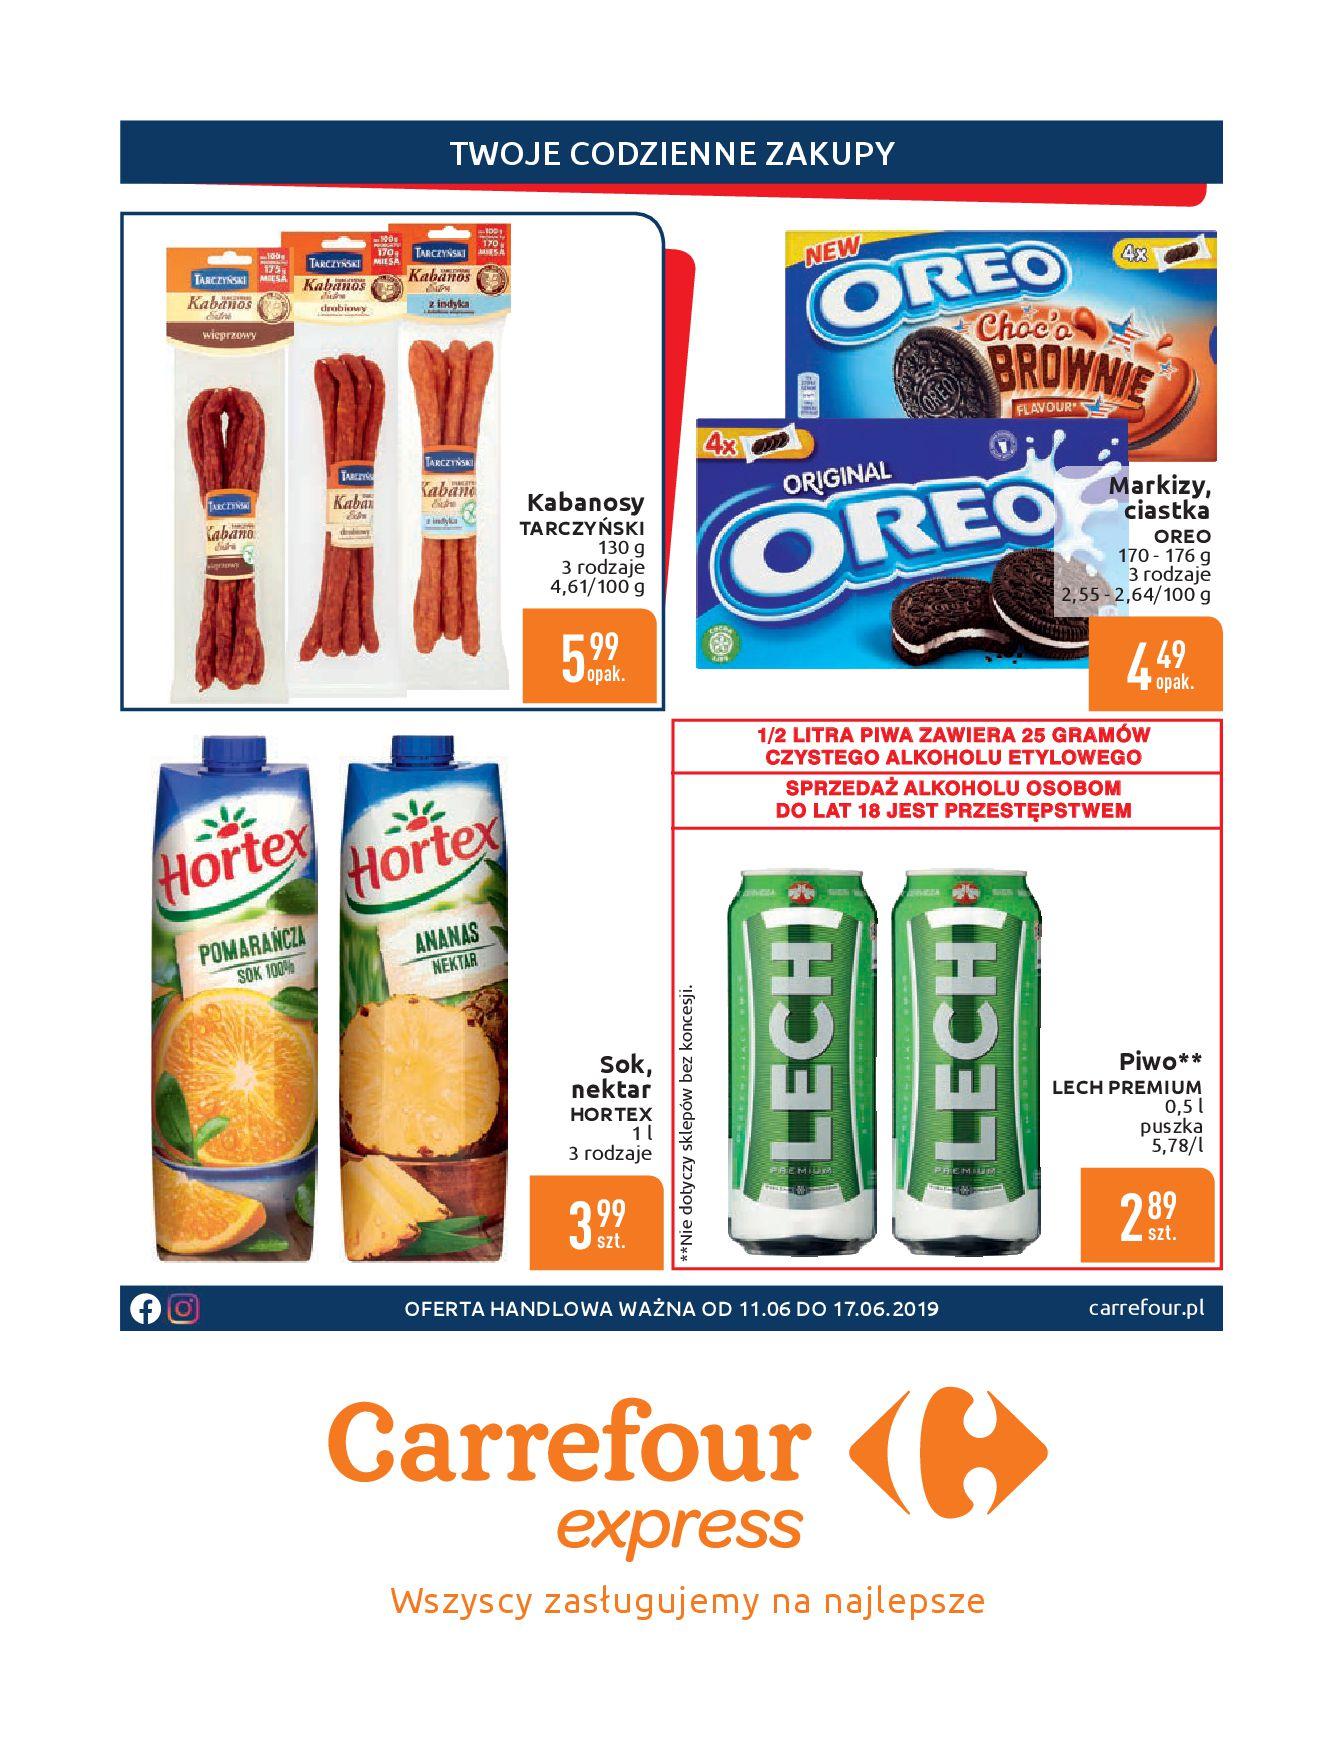 Gazetka Carrefour Express - Gdy zakupy rosną, to ceny maleją ekspresowo-10.06.2019-17.06.2019-page-